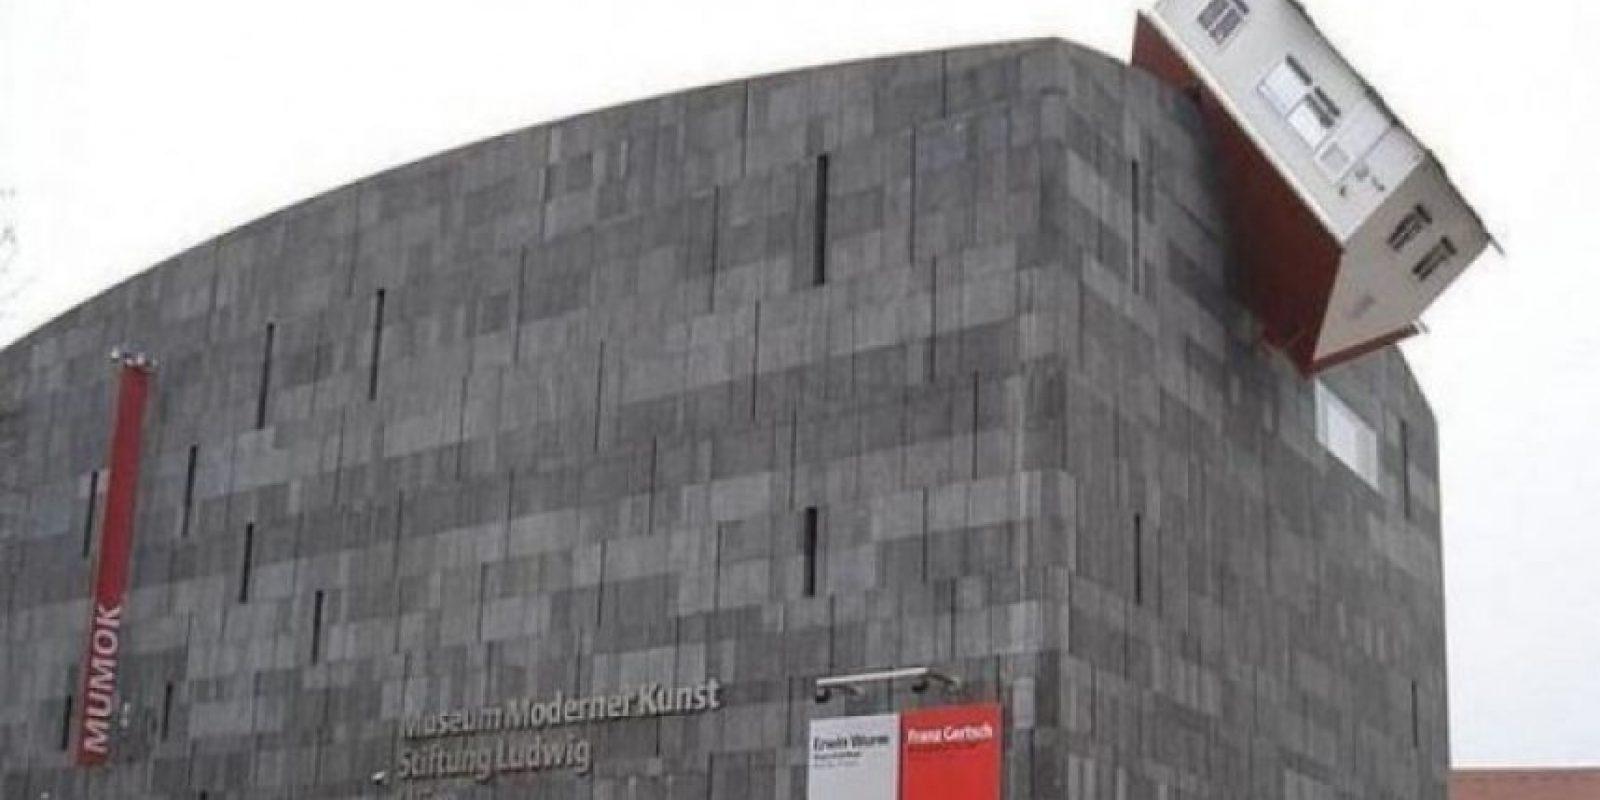 En el MUMOK, o el Museo de Arte Moderno de Austria se encuentra un bloque de piedra grisácea con una casa de campo incrustada en el, conocida como House Attack.